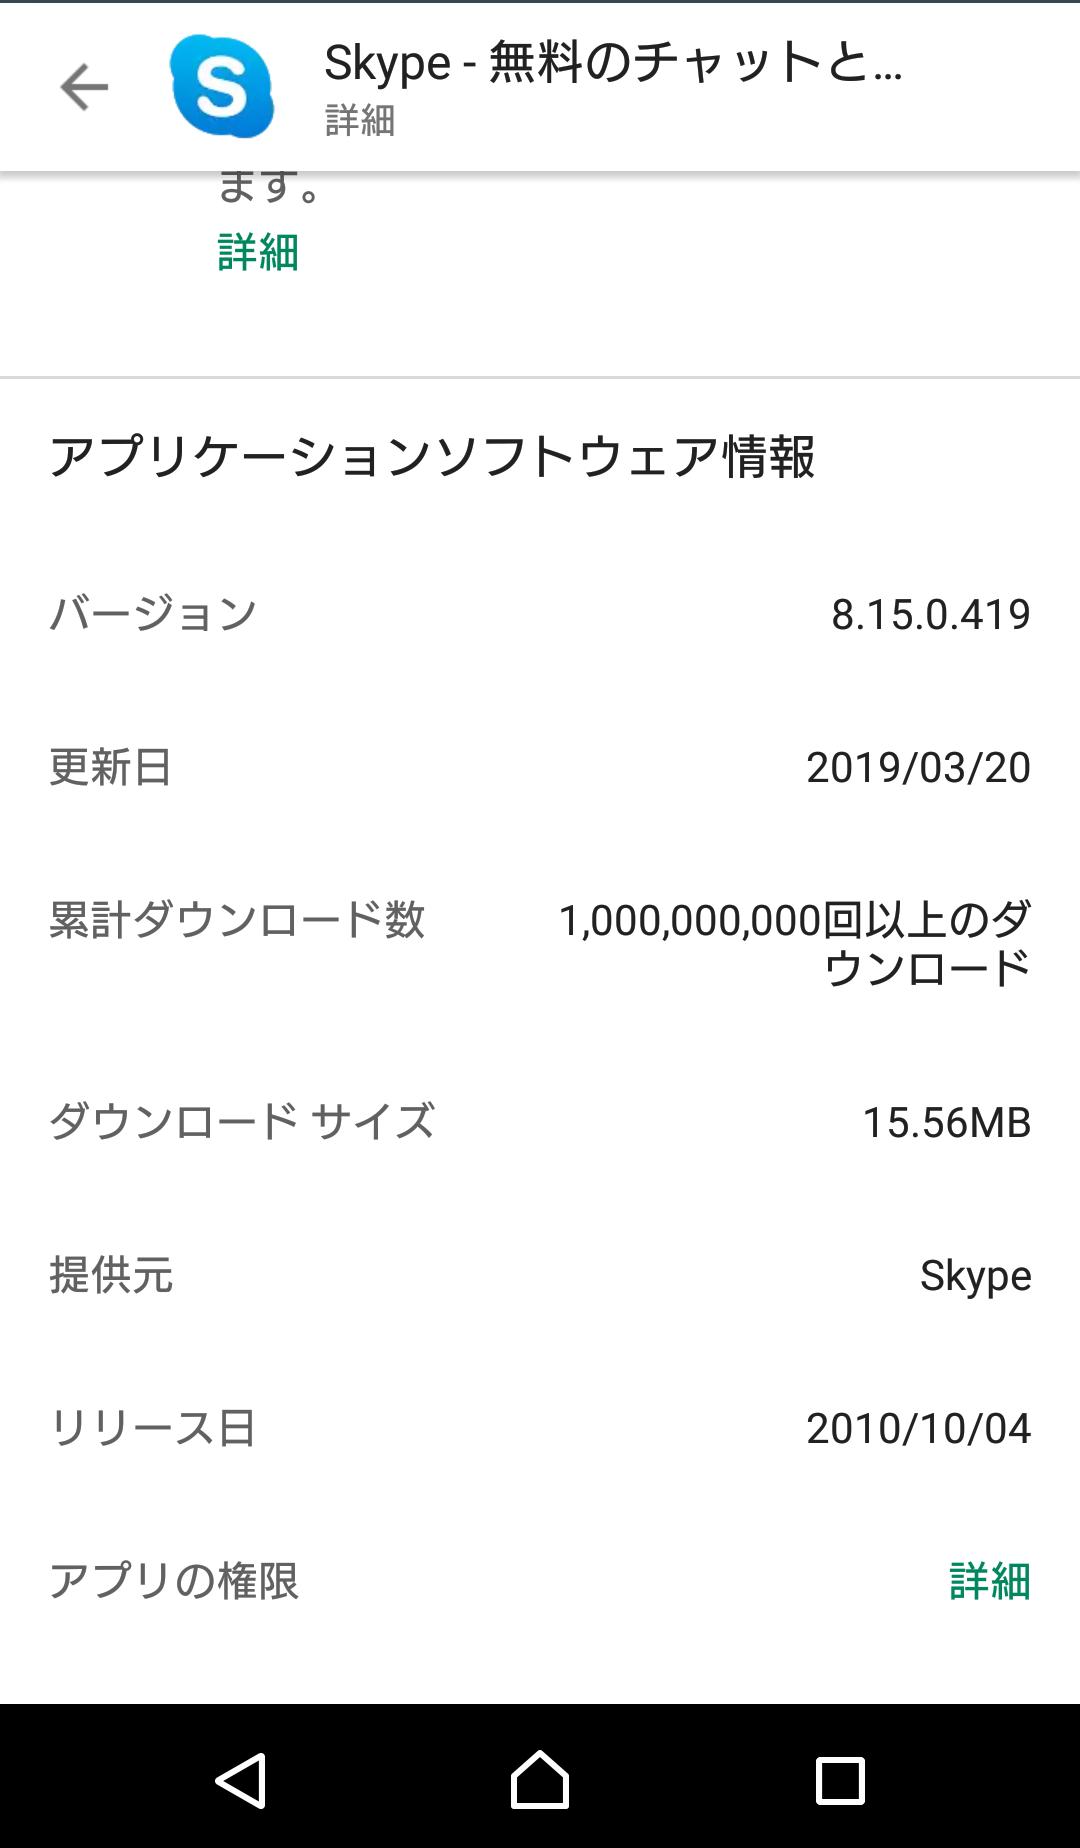 現在インストールされているSkypeアプリは最新か確認する!